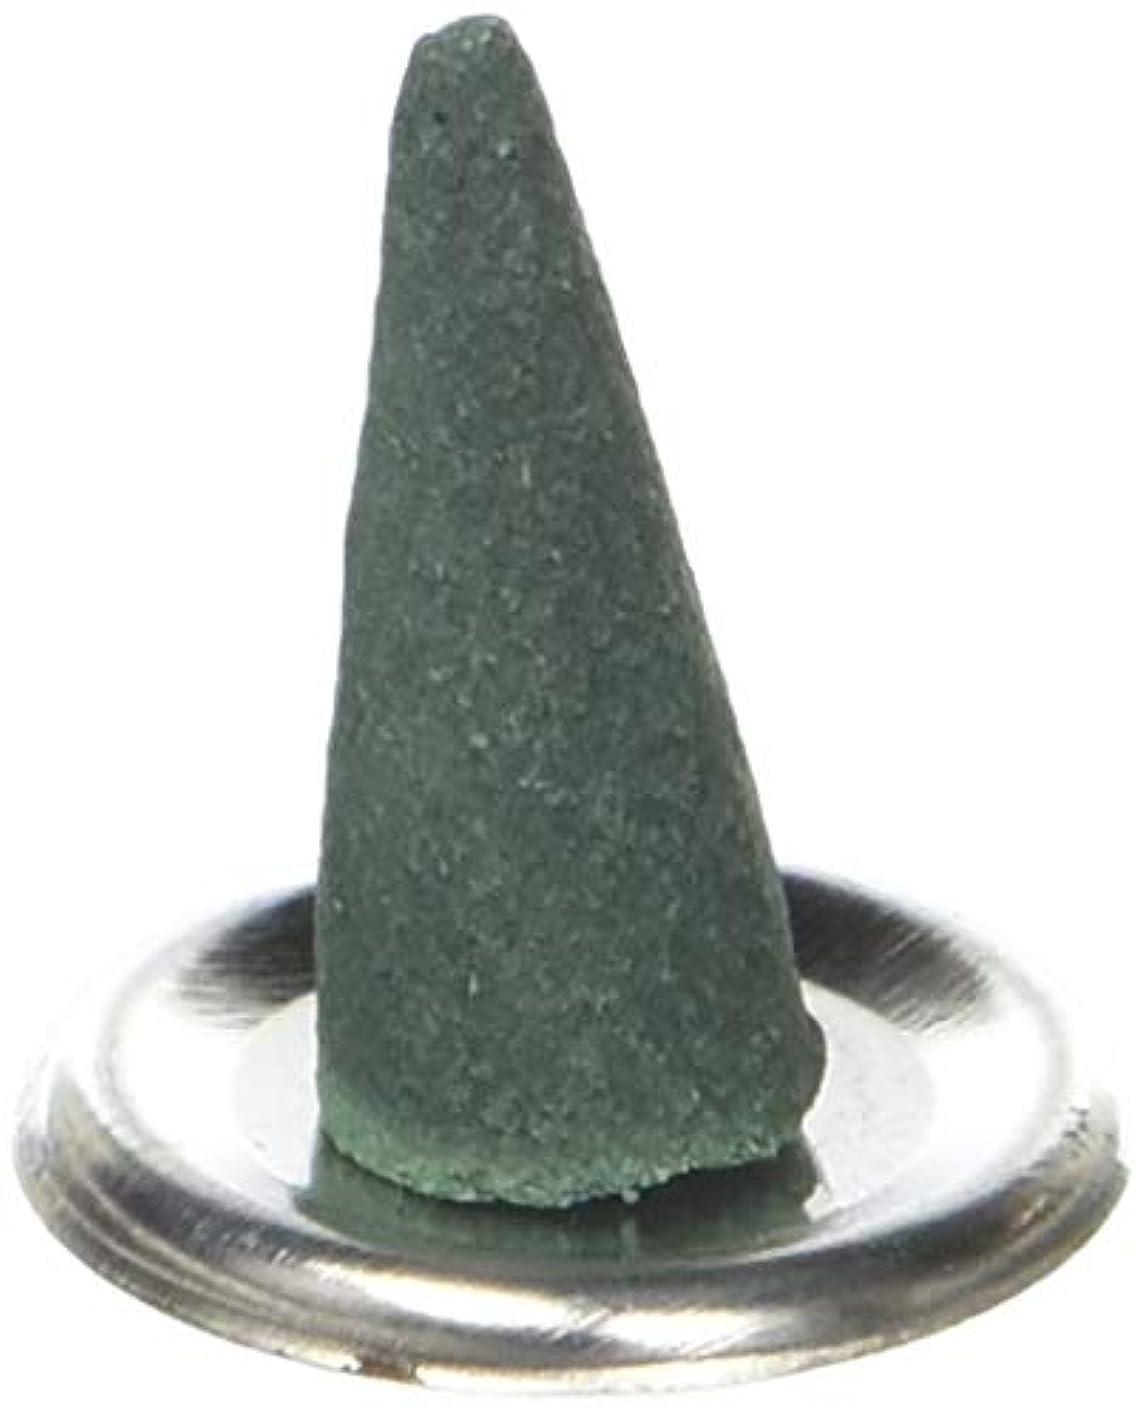 スタッフ判決バーマドアロマセラピーHosley Highly Fragranced Spiritual Incense Cones 180パック、Infused with Essential Oils。結婚の理想は、特別なイベント、アロマセラピー...